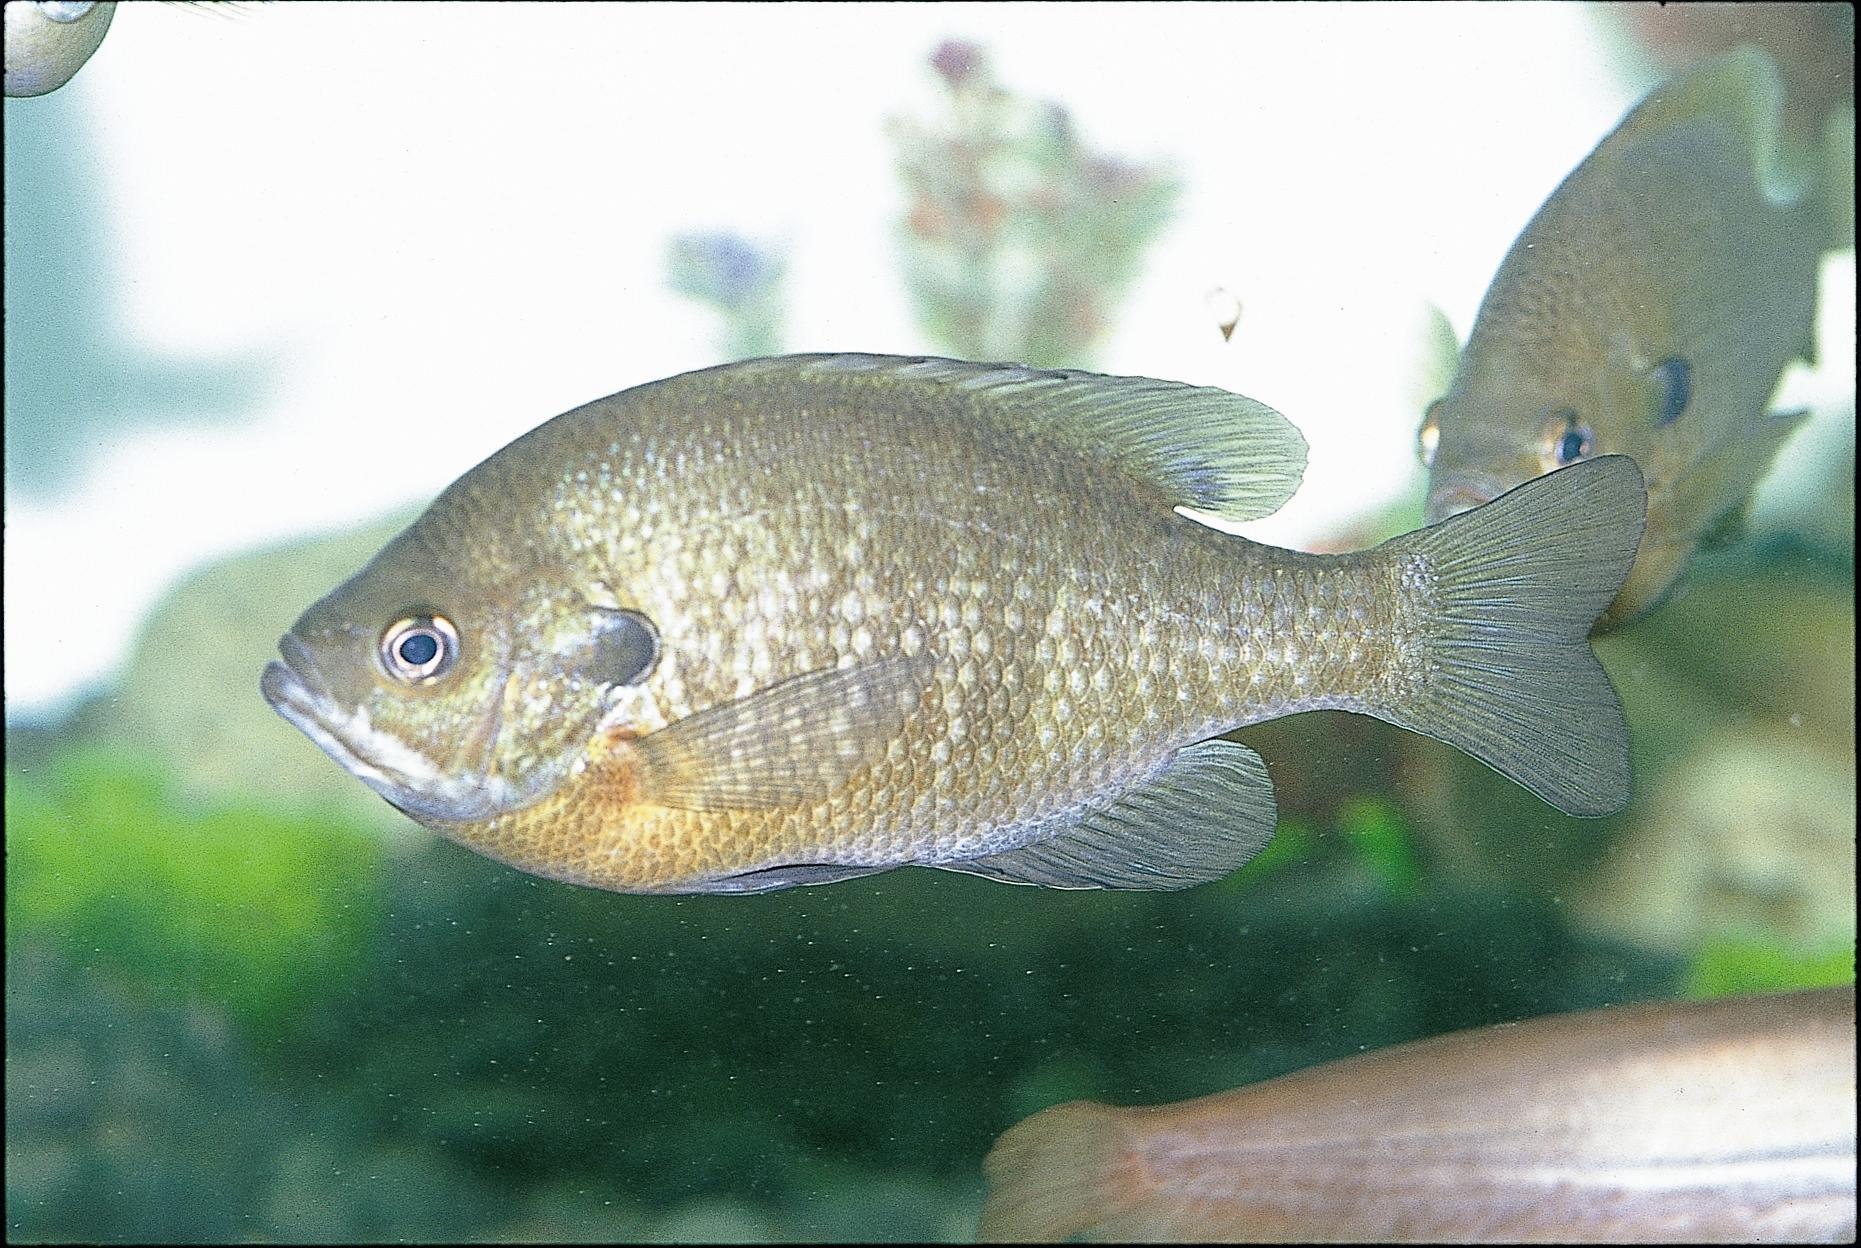 외래종 물고기인 블루길 [중앙포토]